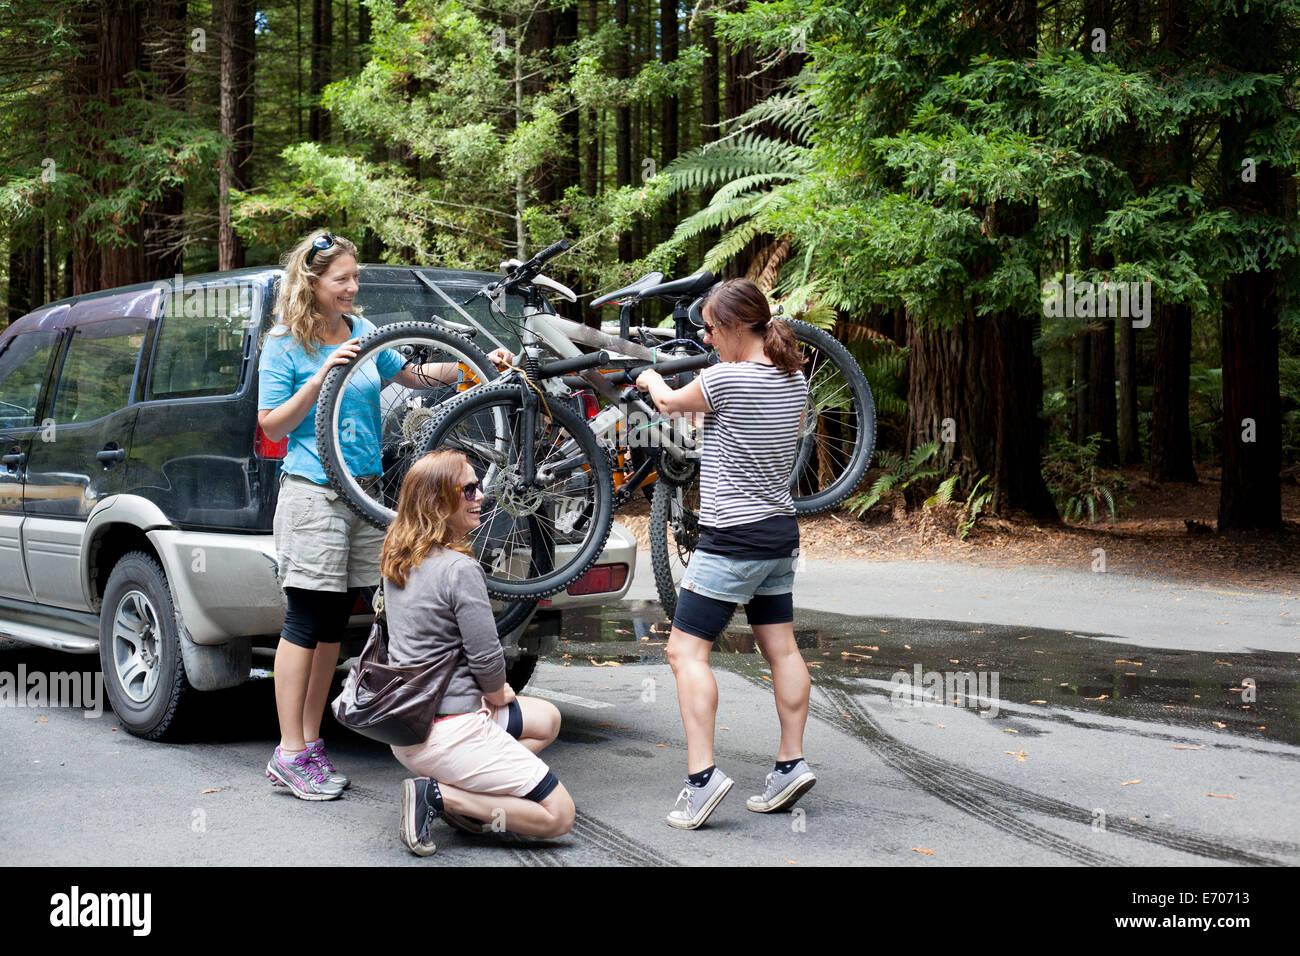 Drei Frauen Mountainbiker Aufhebung Bikes aus vier-Rad-Fahrzeug im Wald Stockbild